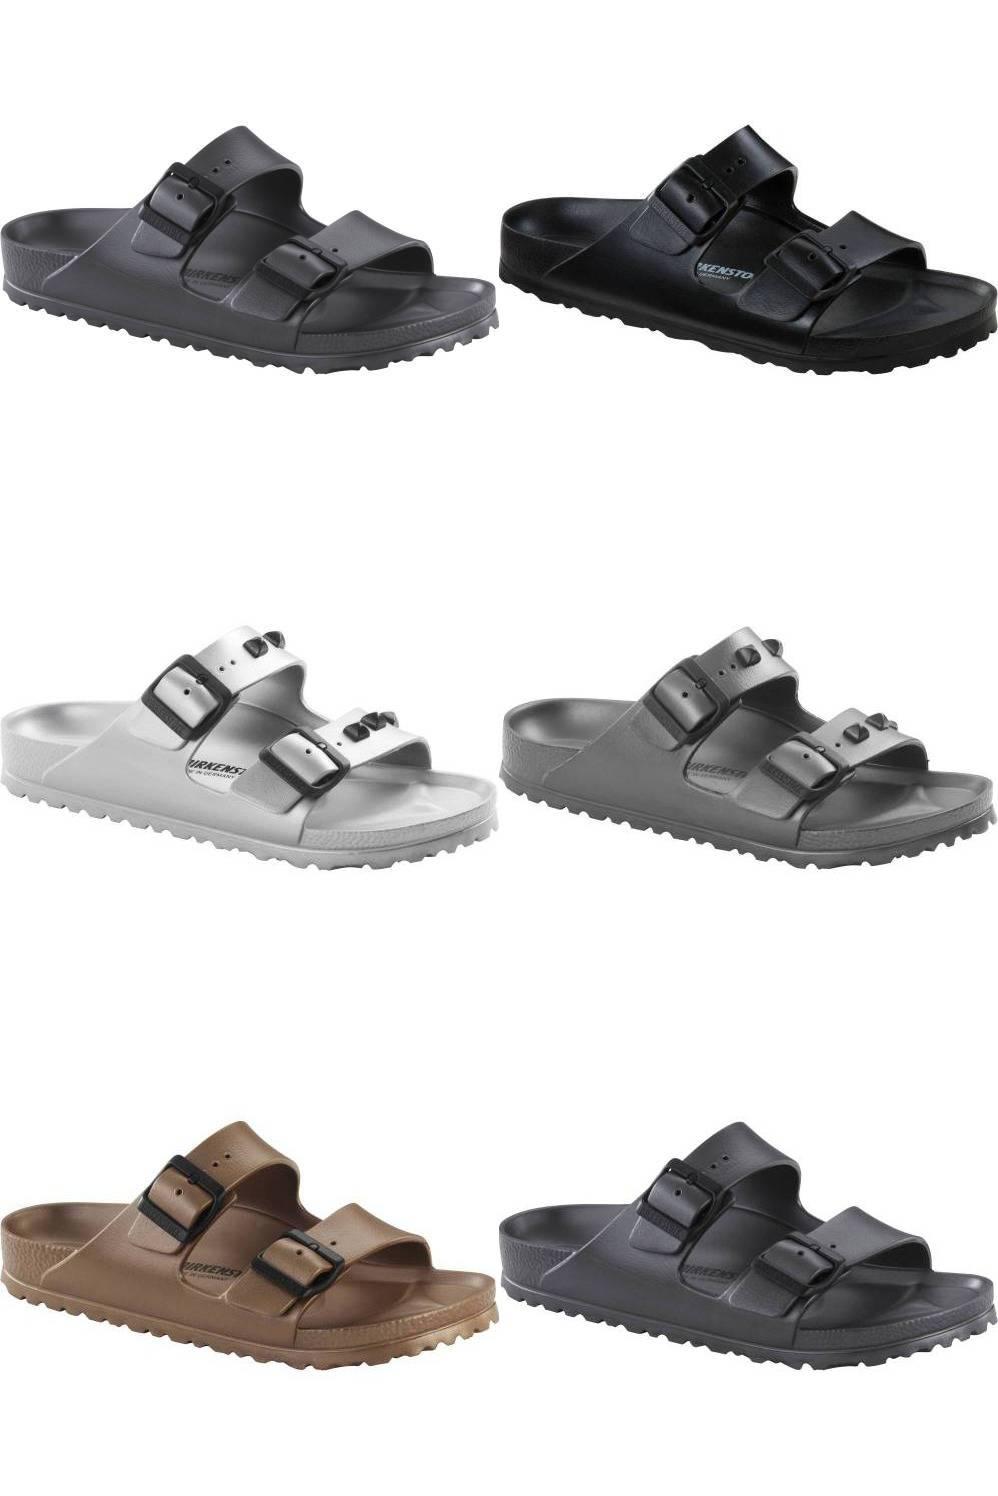 BIRKENSTOCK Arizona EVA 2-Riemen-Sandale Herren & Damen Schuhe